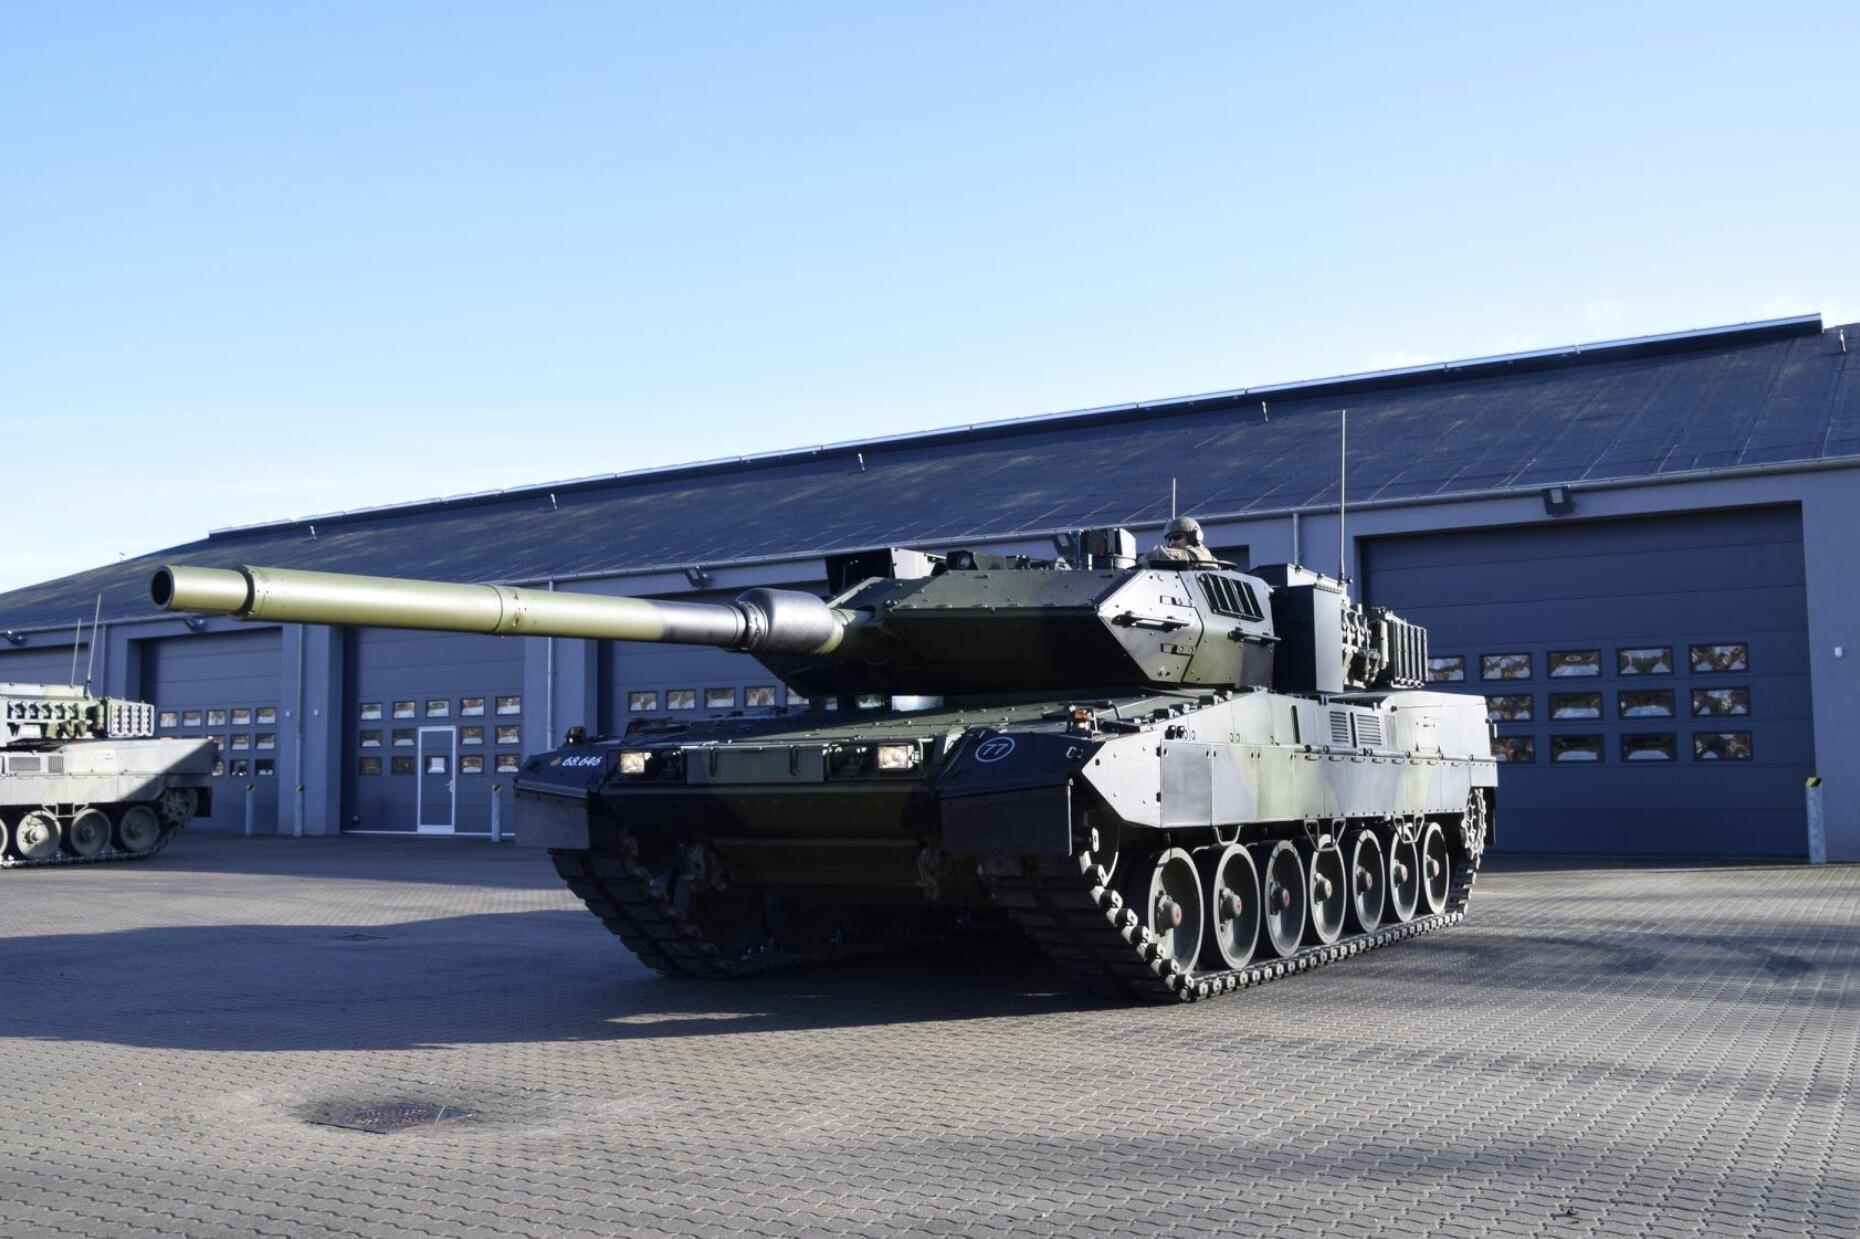 喜提全球最强坦克:丹麦陆军隆重接收豹2A7坦克